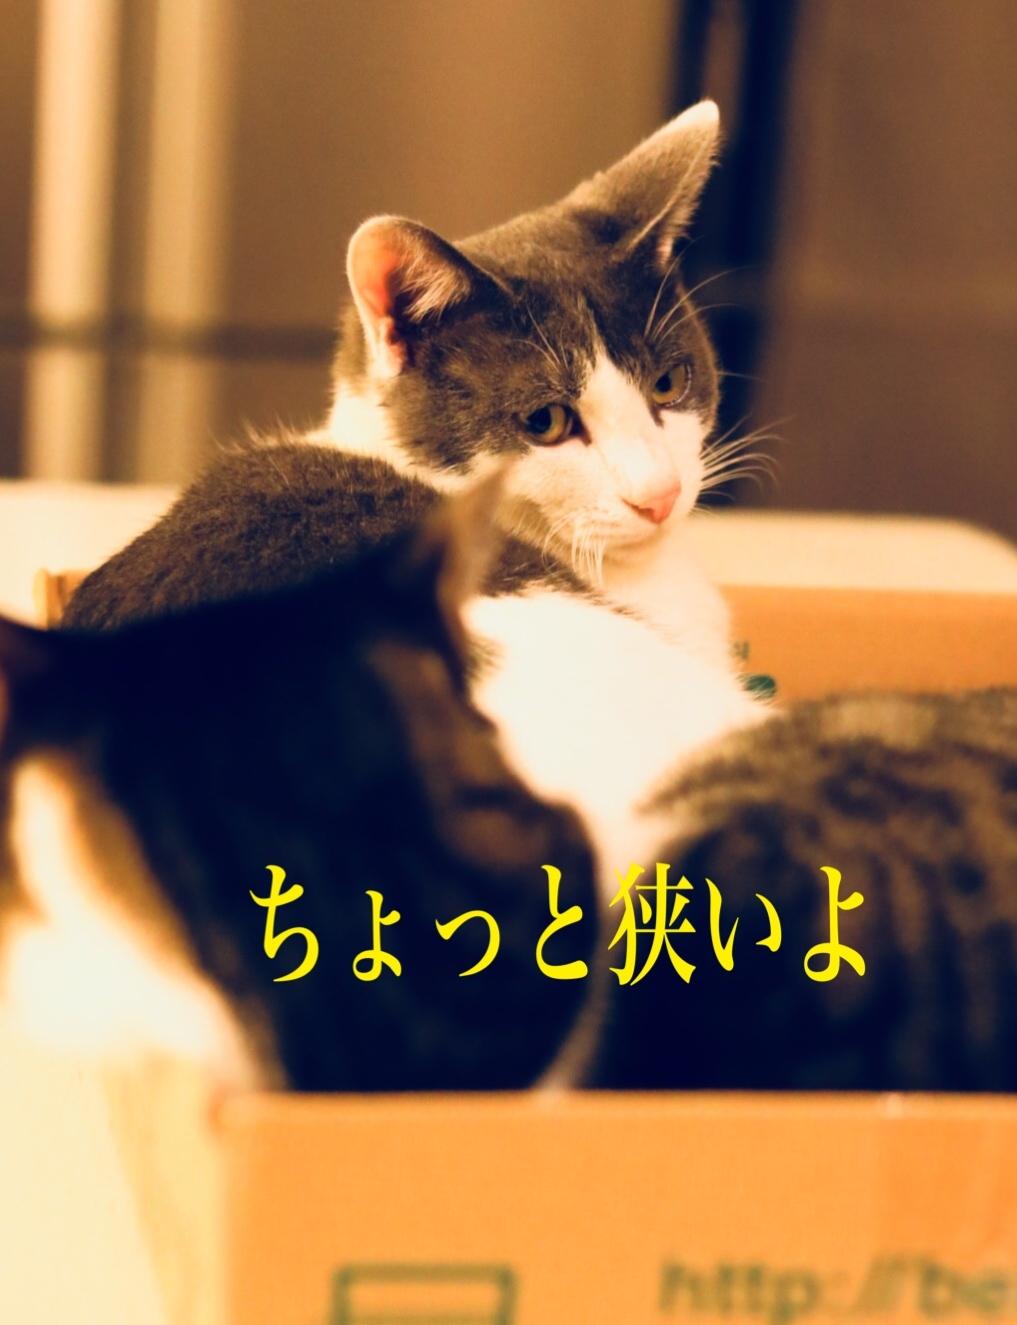 にゃんこ劇場「ギュウギュウ詰め」_c0366722_10202444.jpeg